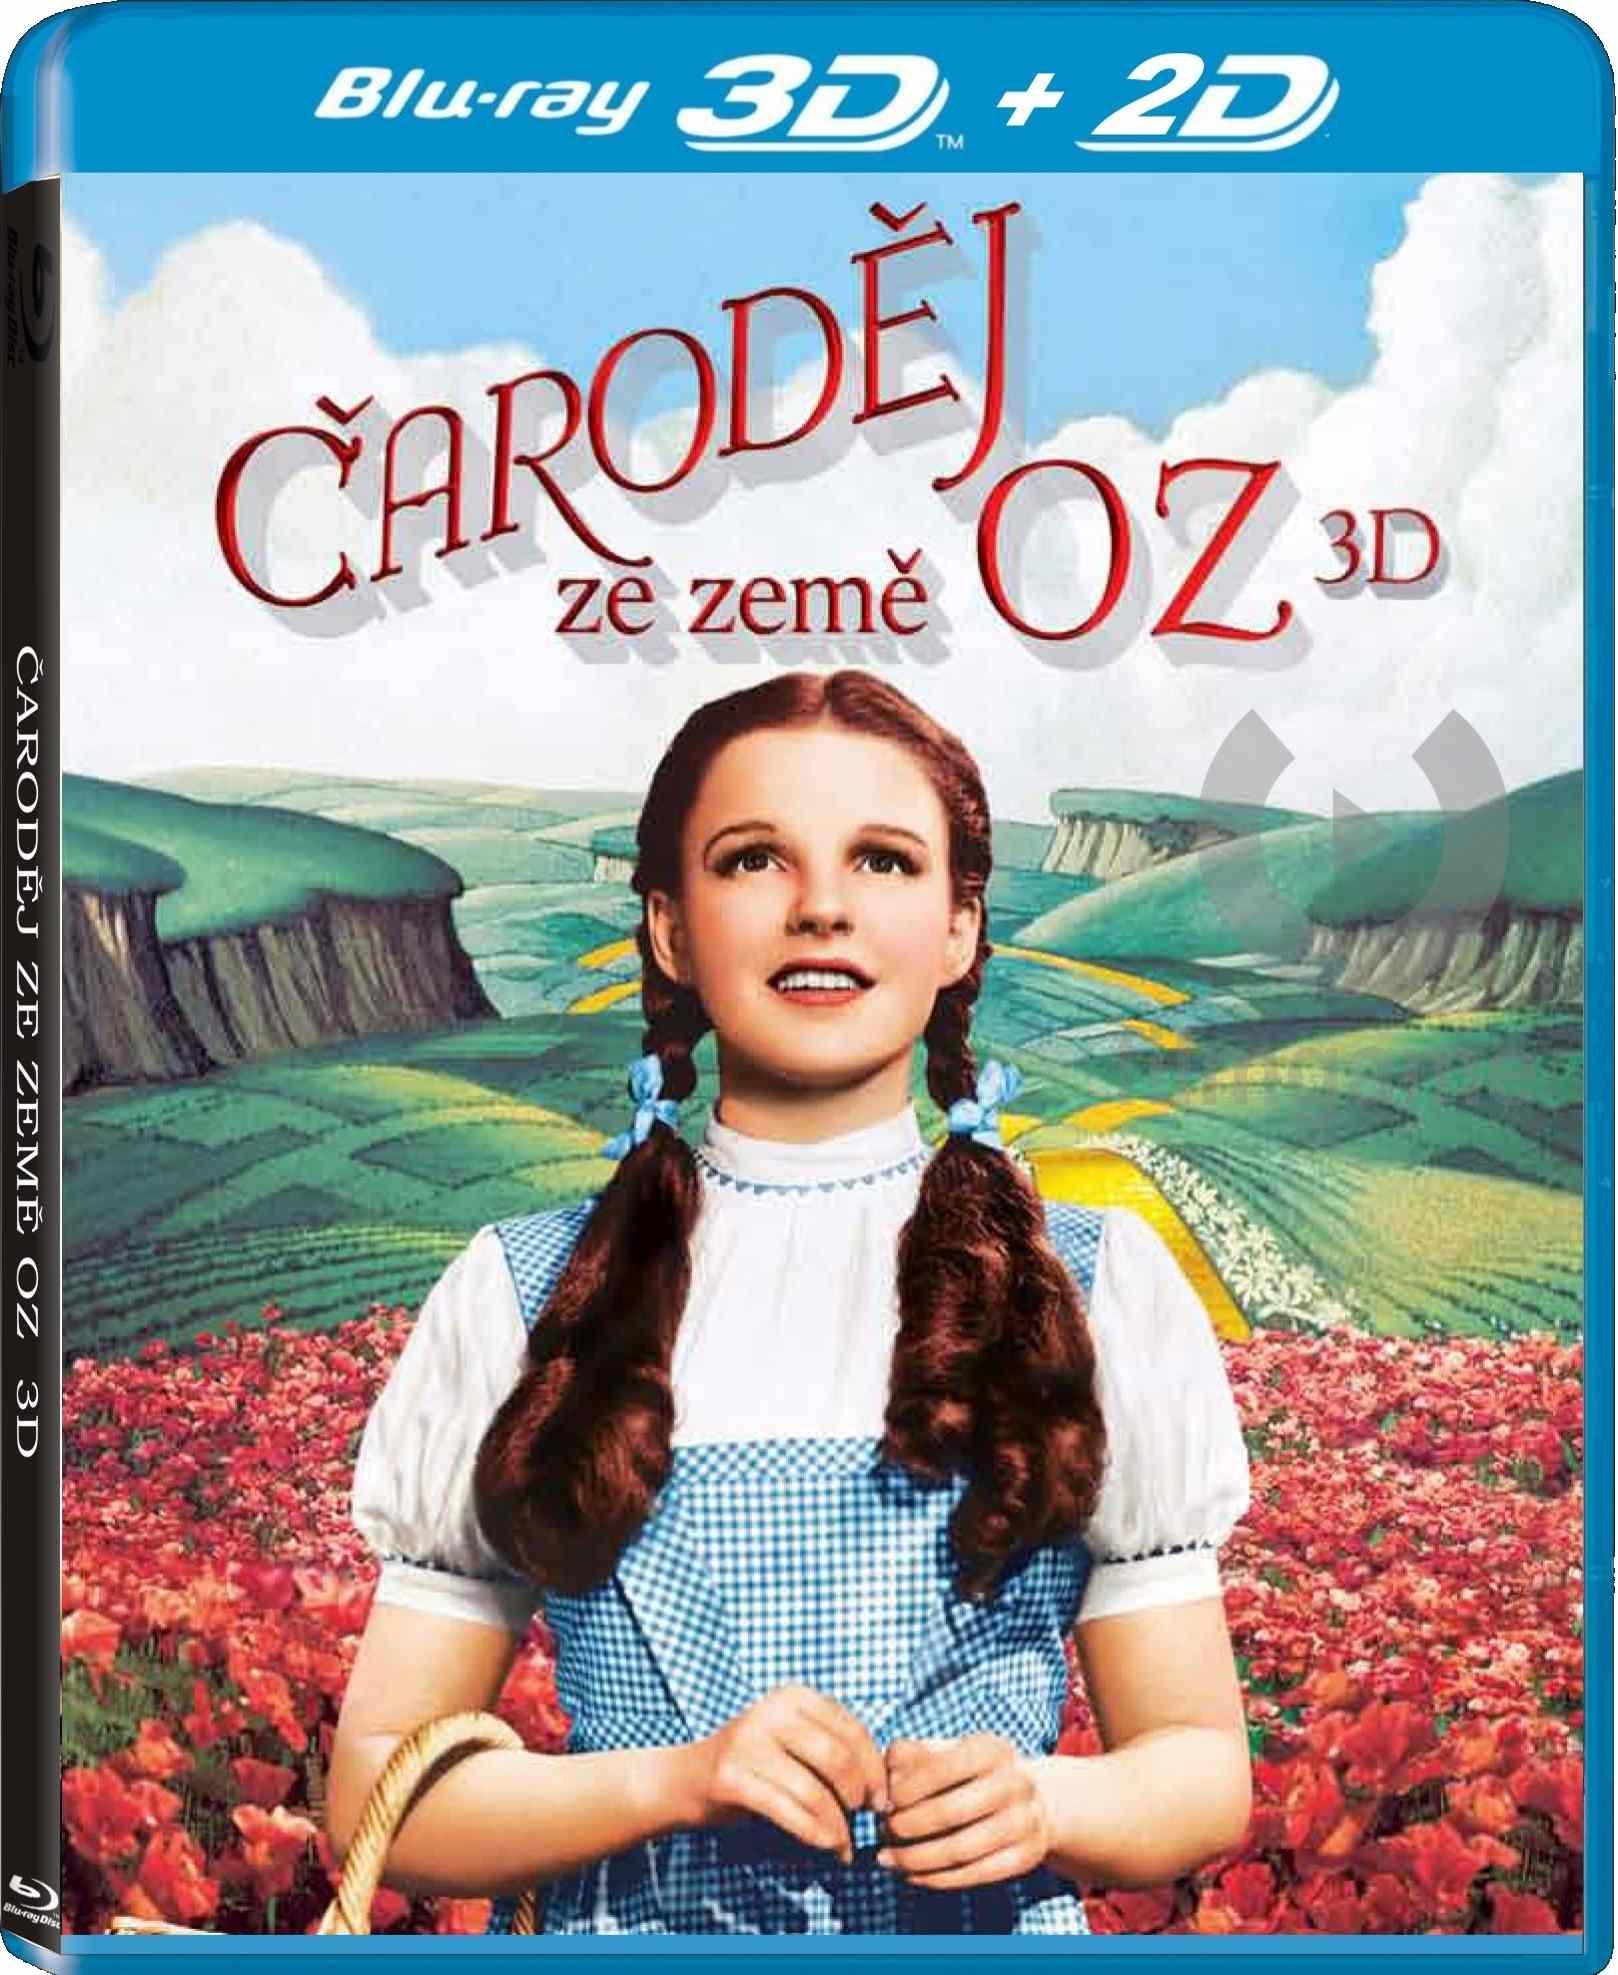 ČARODĚJ ZE ZEMĚ OZ - Blu-ray 3D + 2D